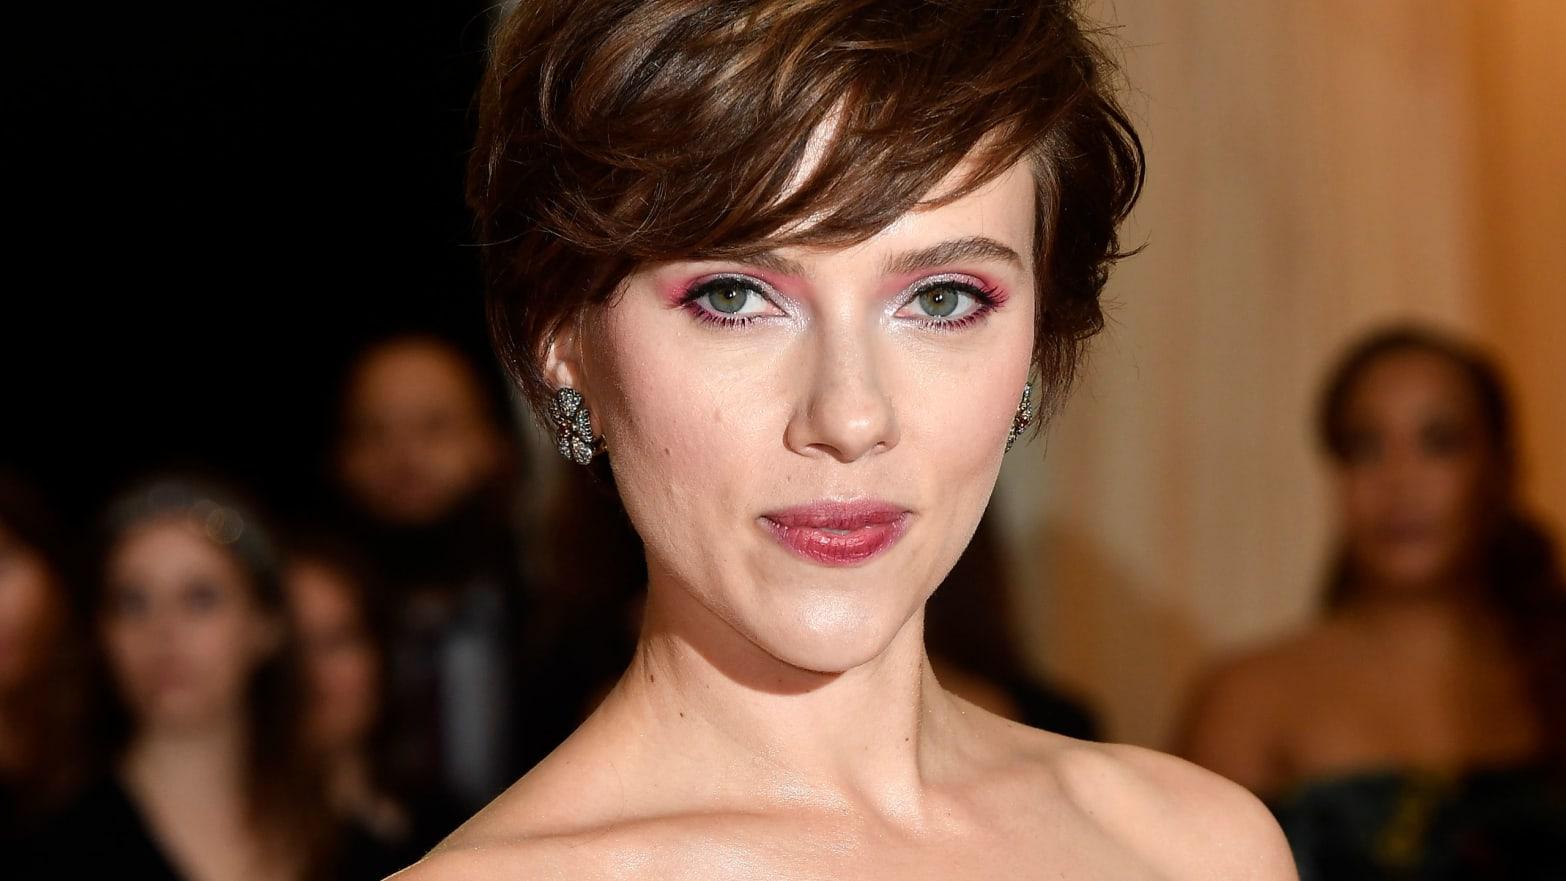 Scarlett Johansson Reveals Hollywood's Big Transgender Problem